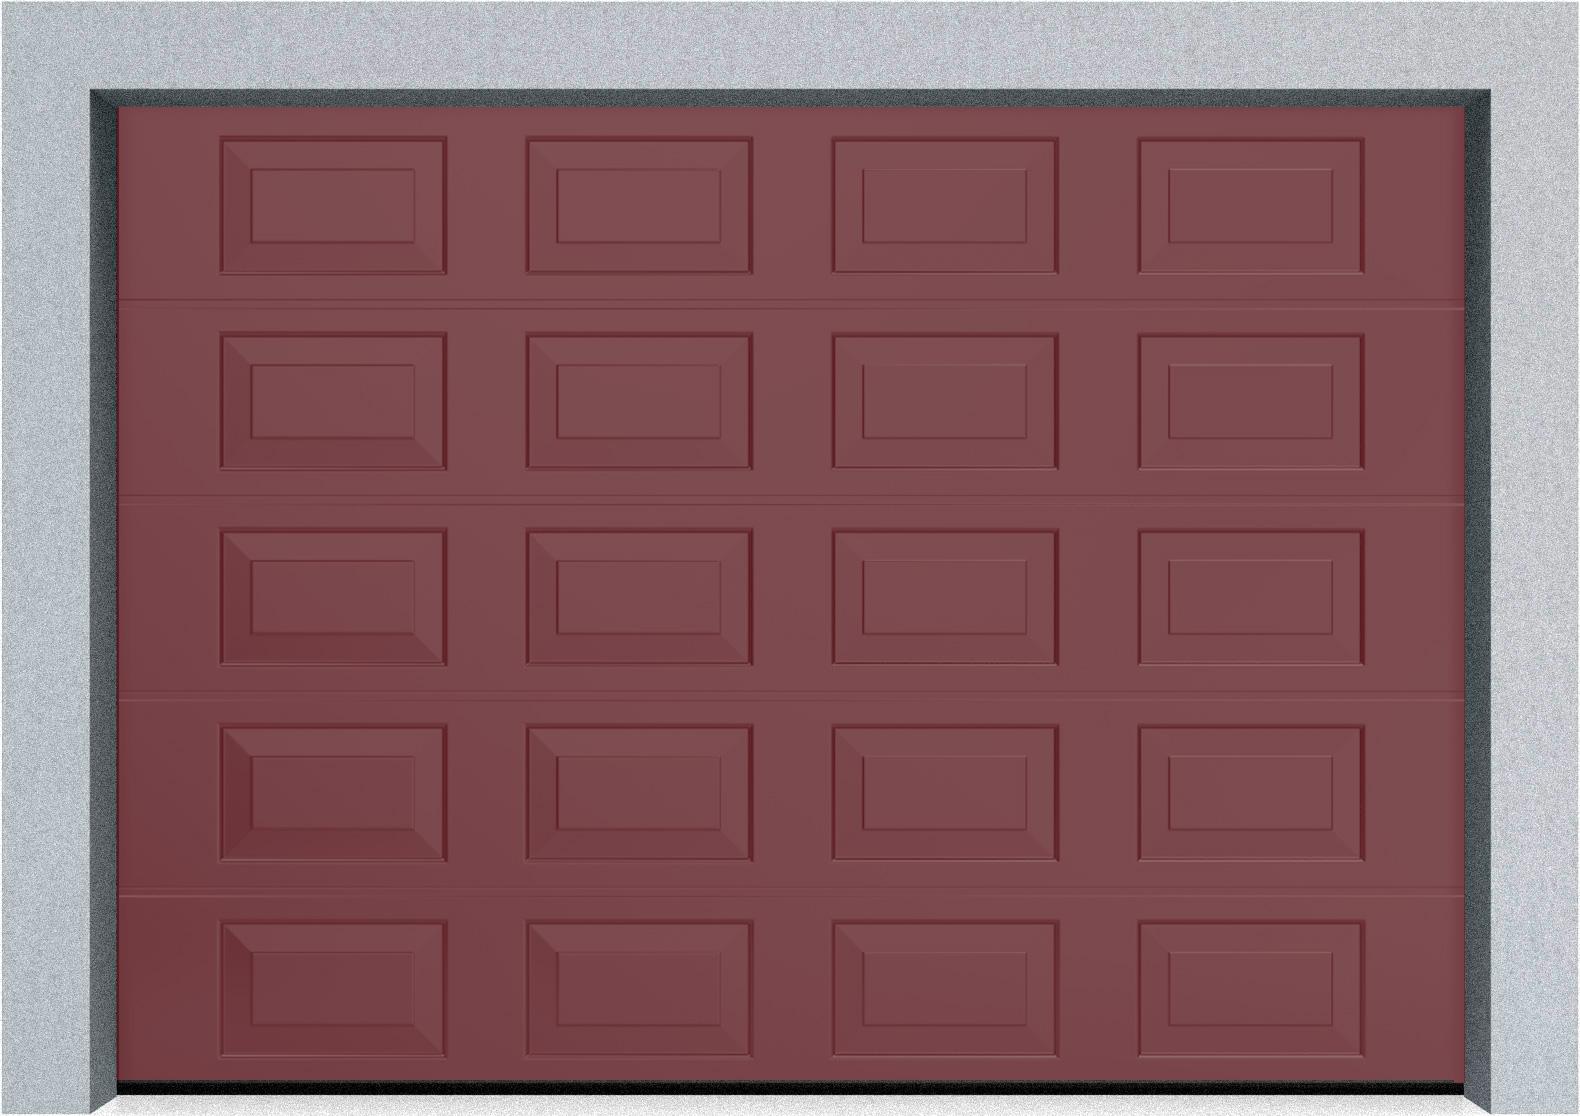 Секционные гаражные ворота DoorHan RSD01 3500x2000 Филенка стандартные цвета, пружины растяжения, фото 11